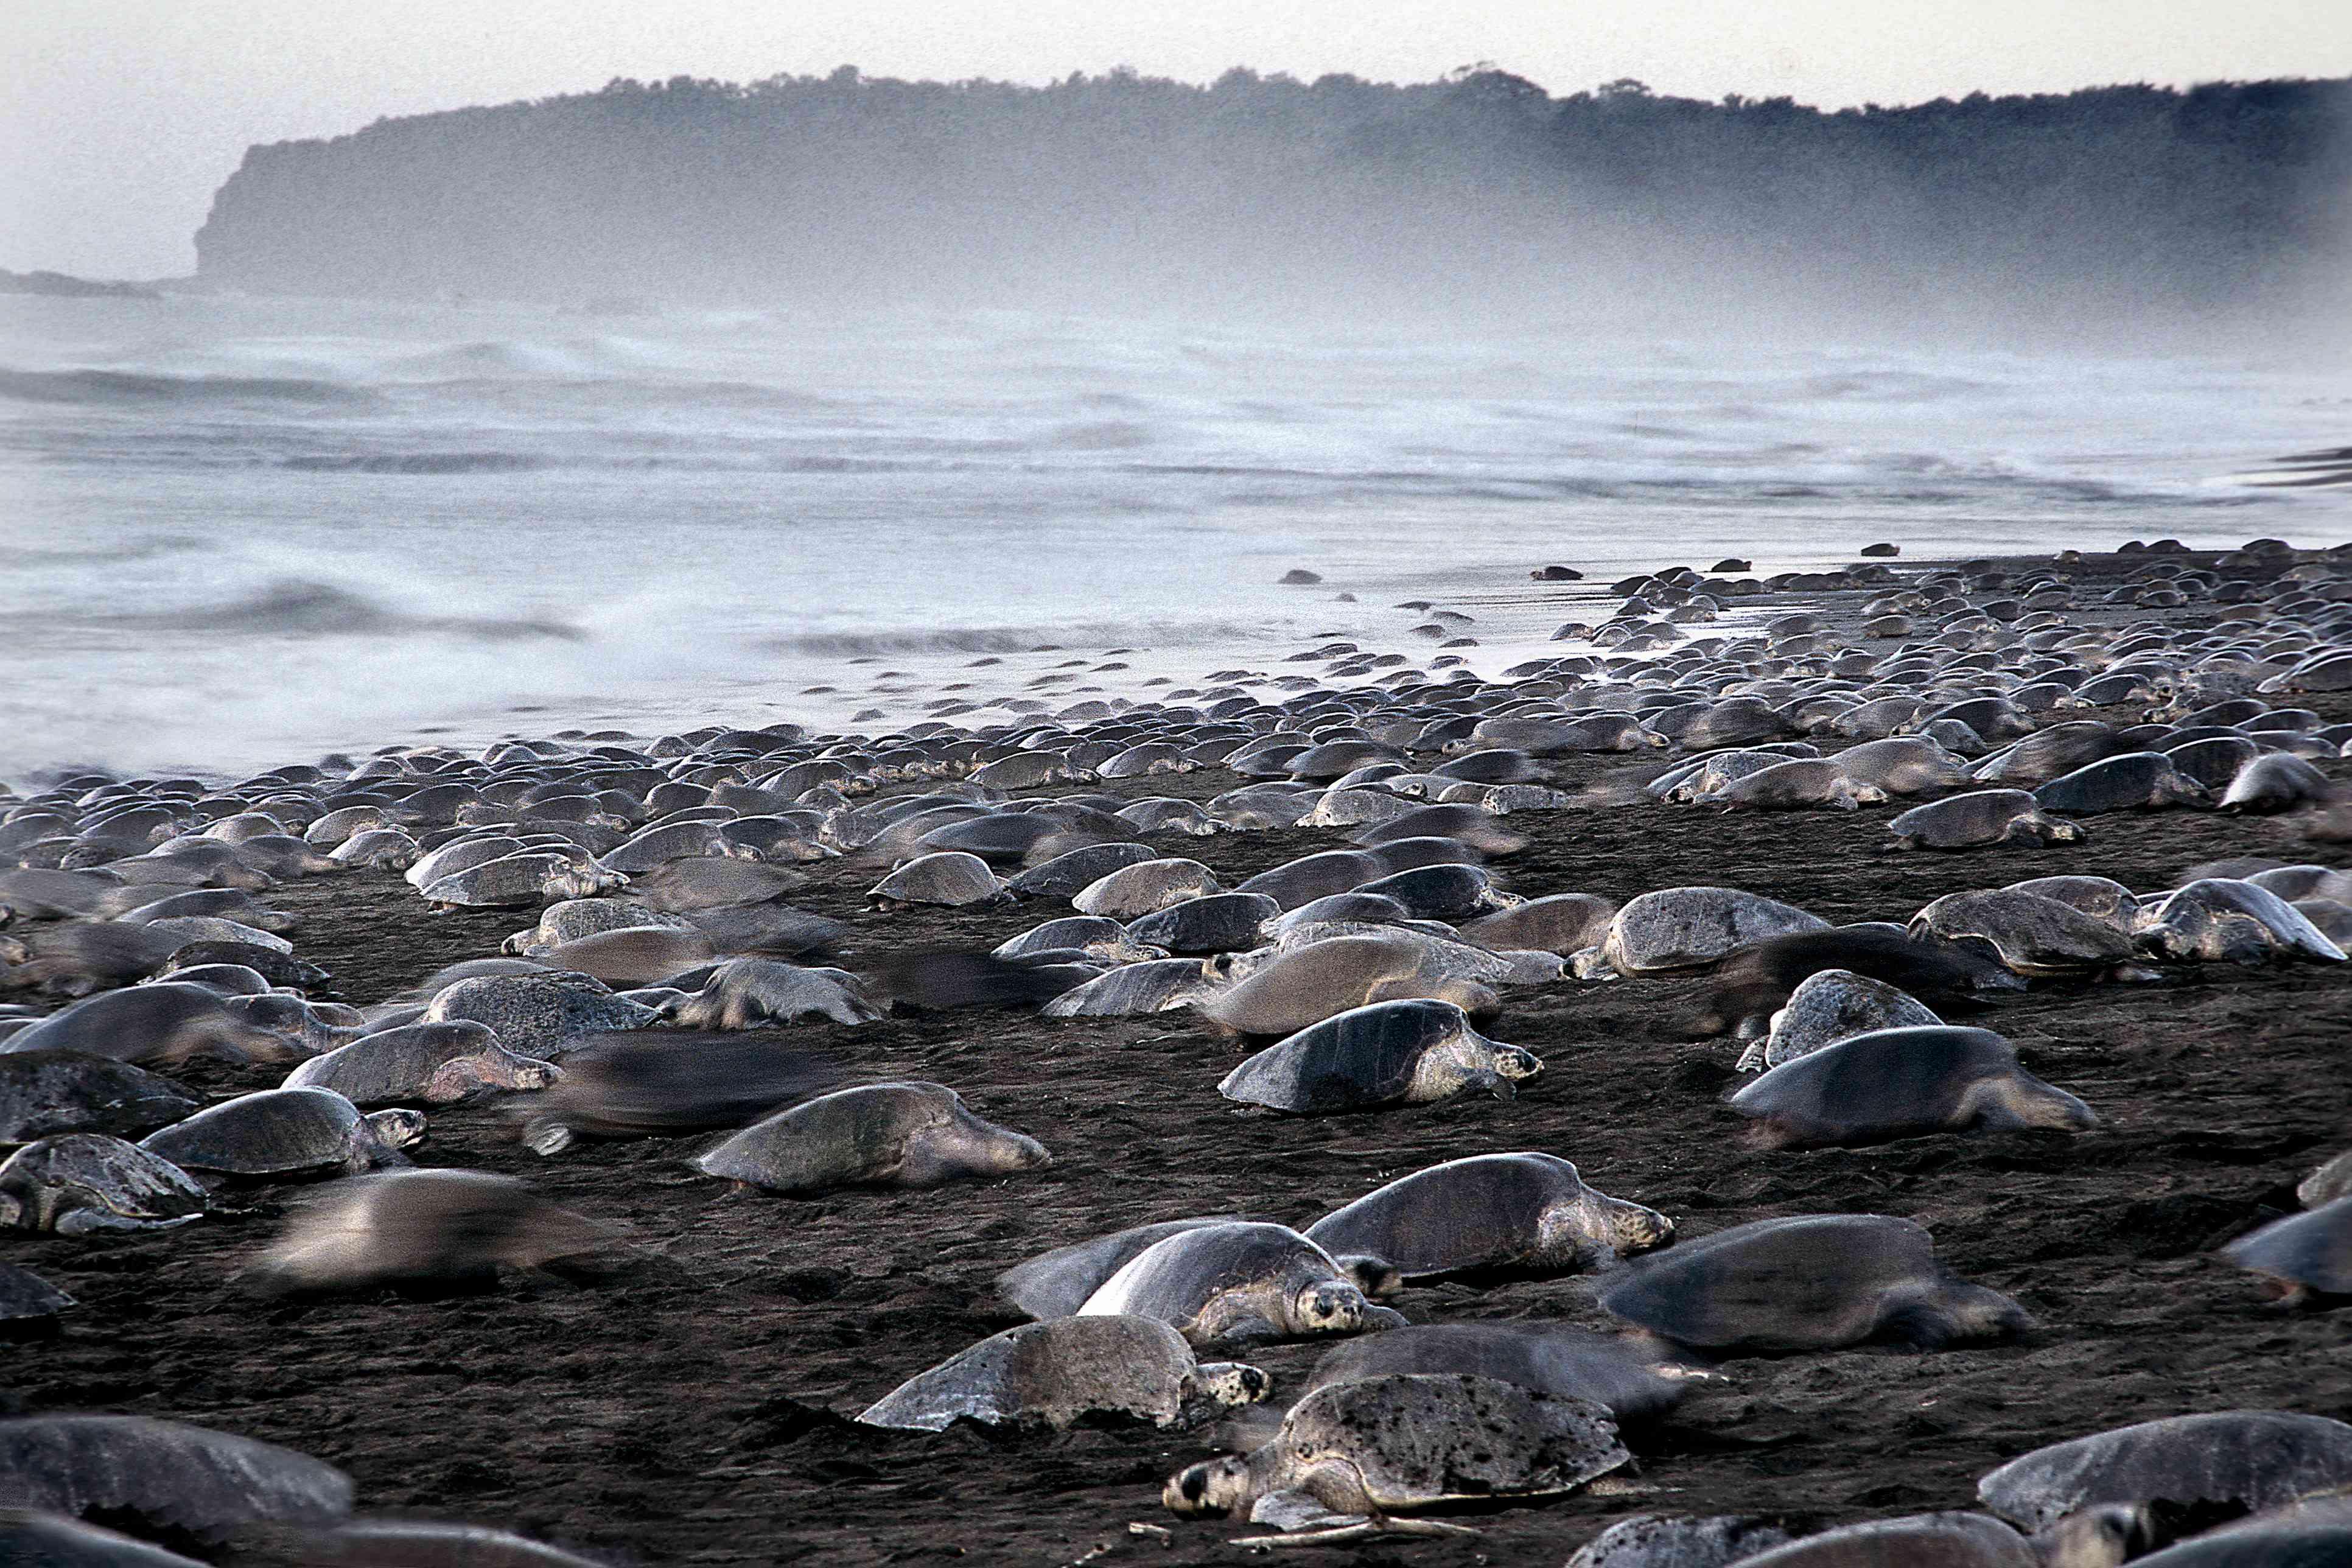 Arribada sea turtles